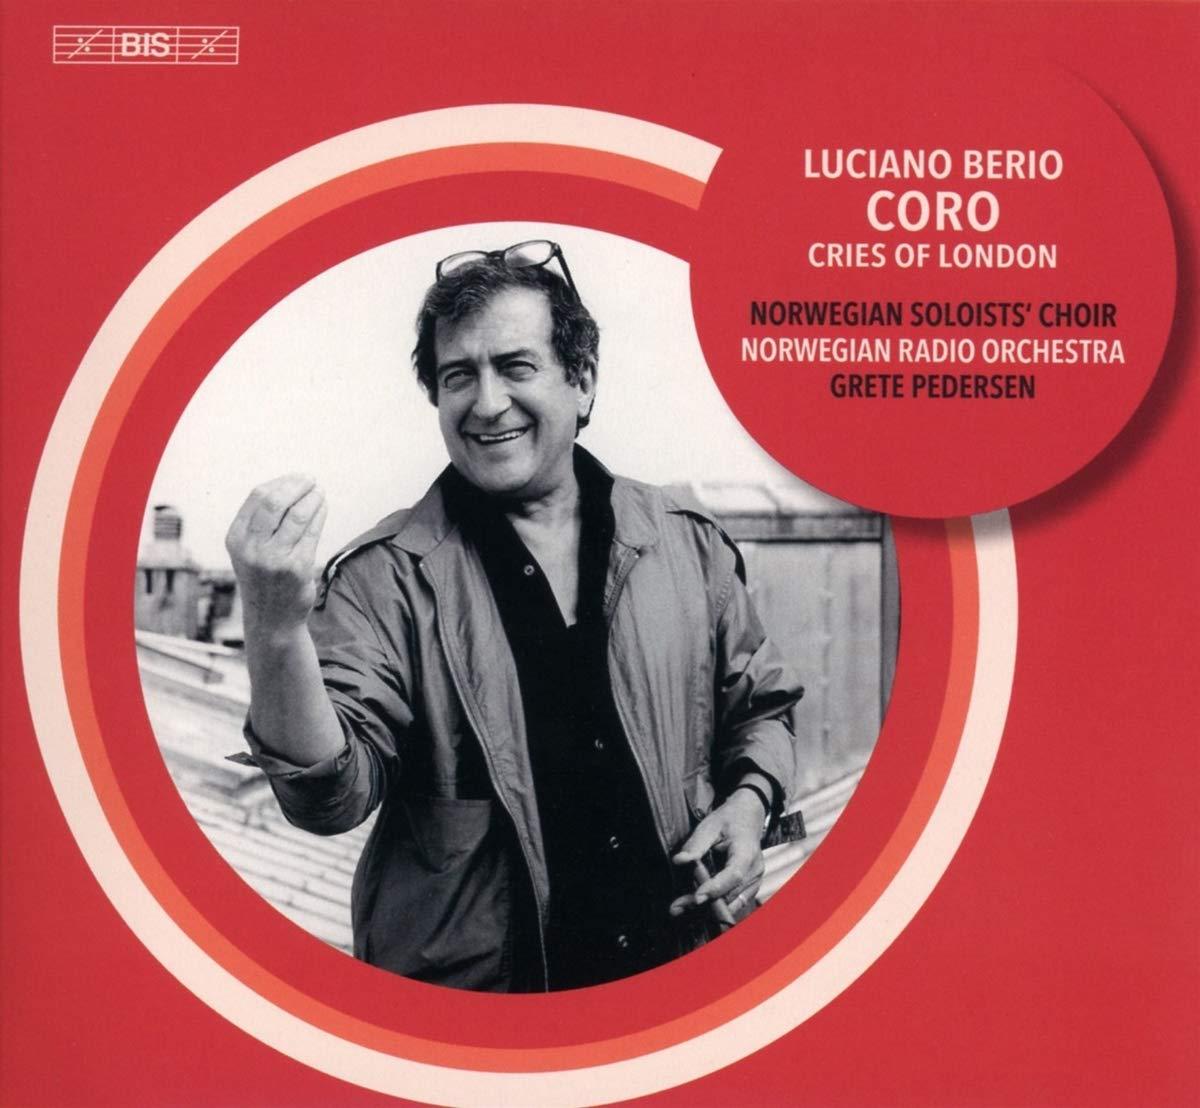 BERIO, L. - CORO -SACD-